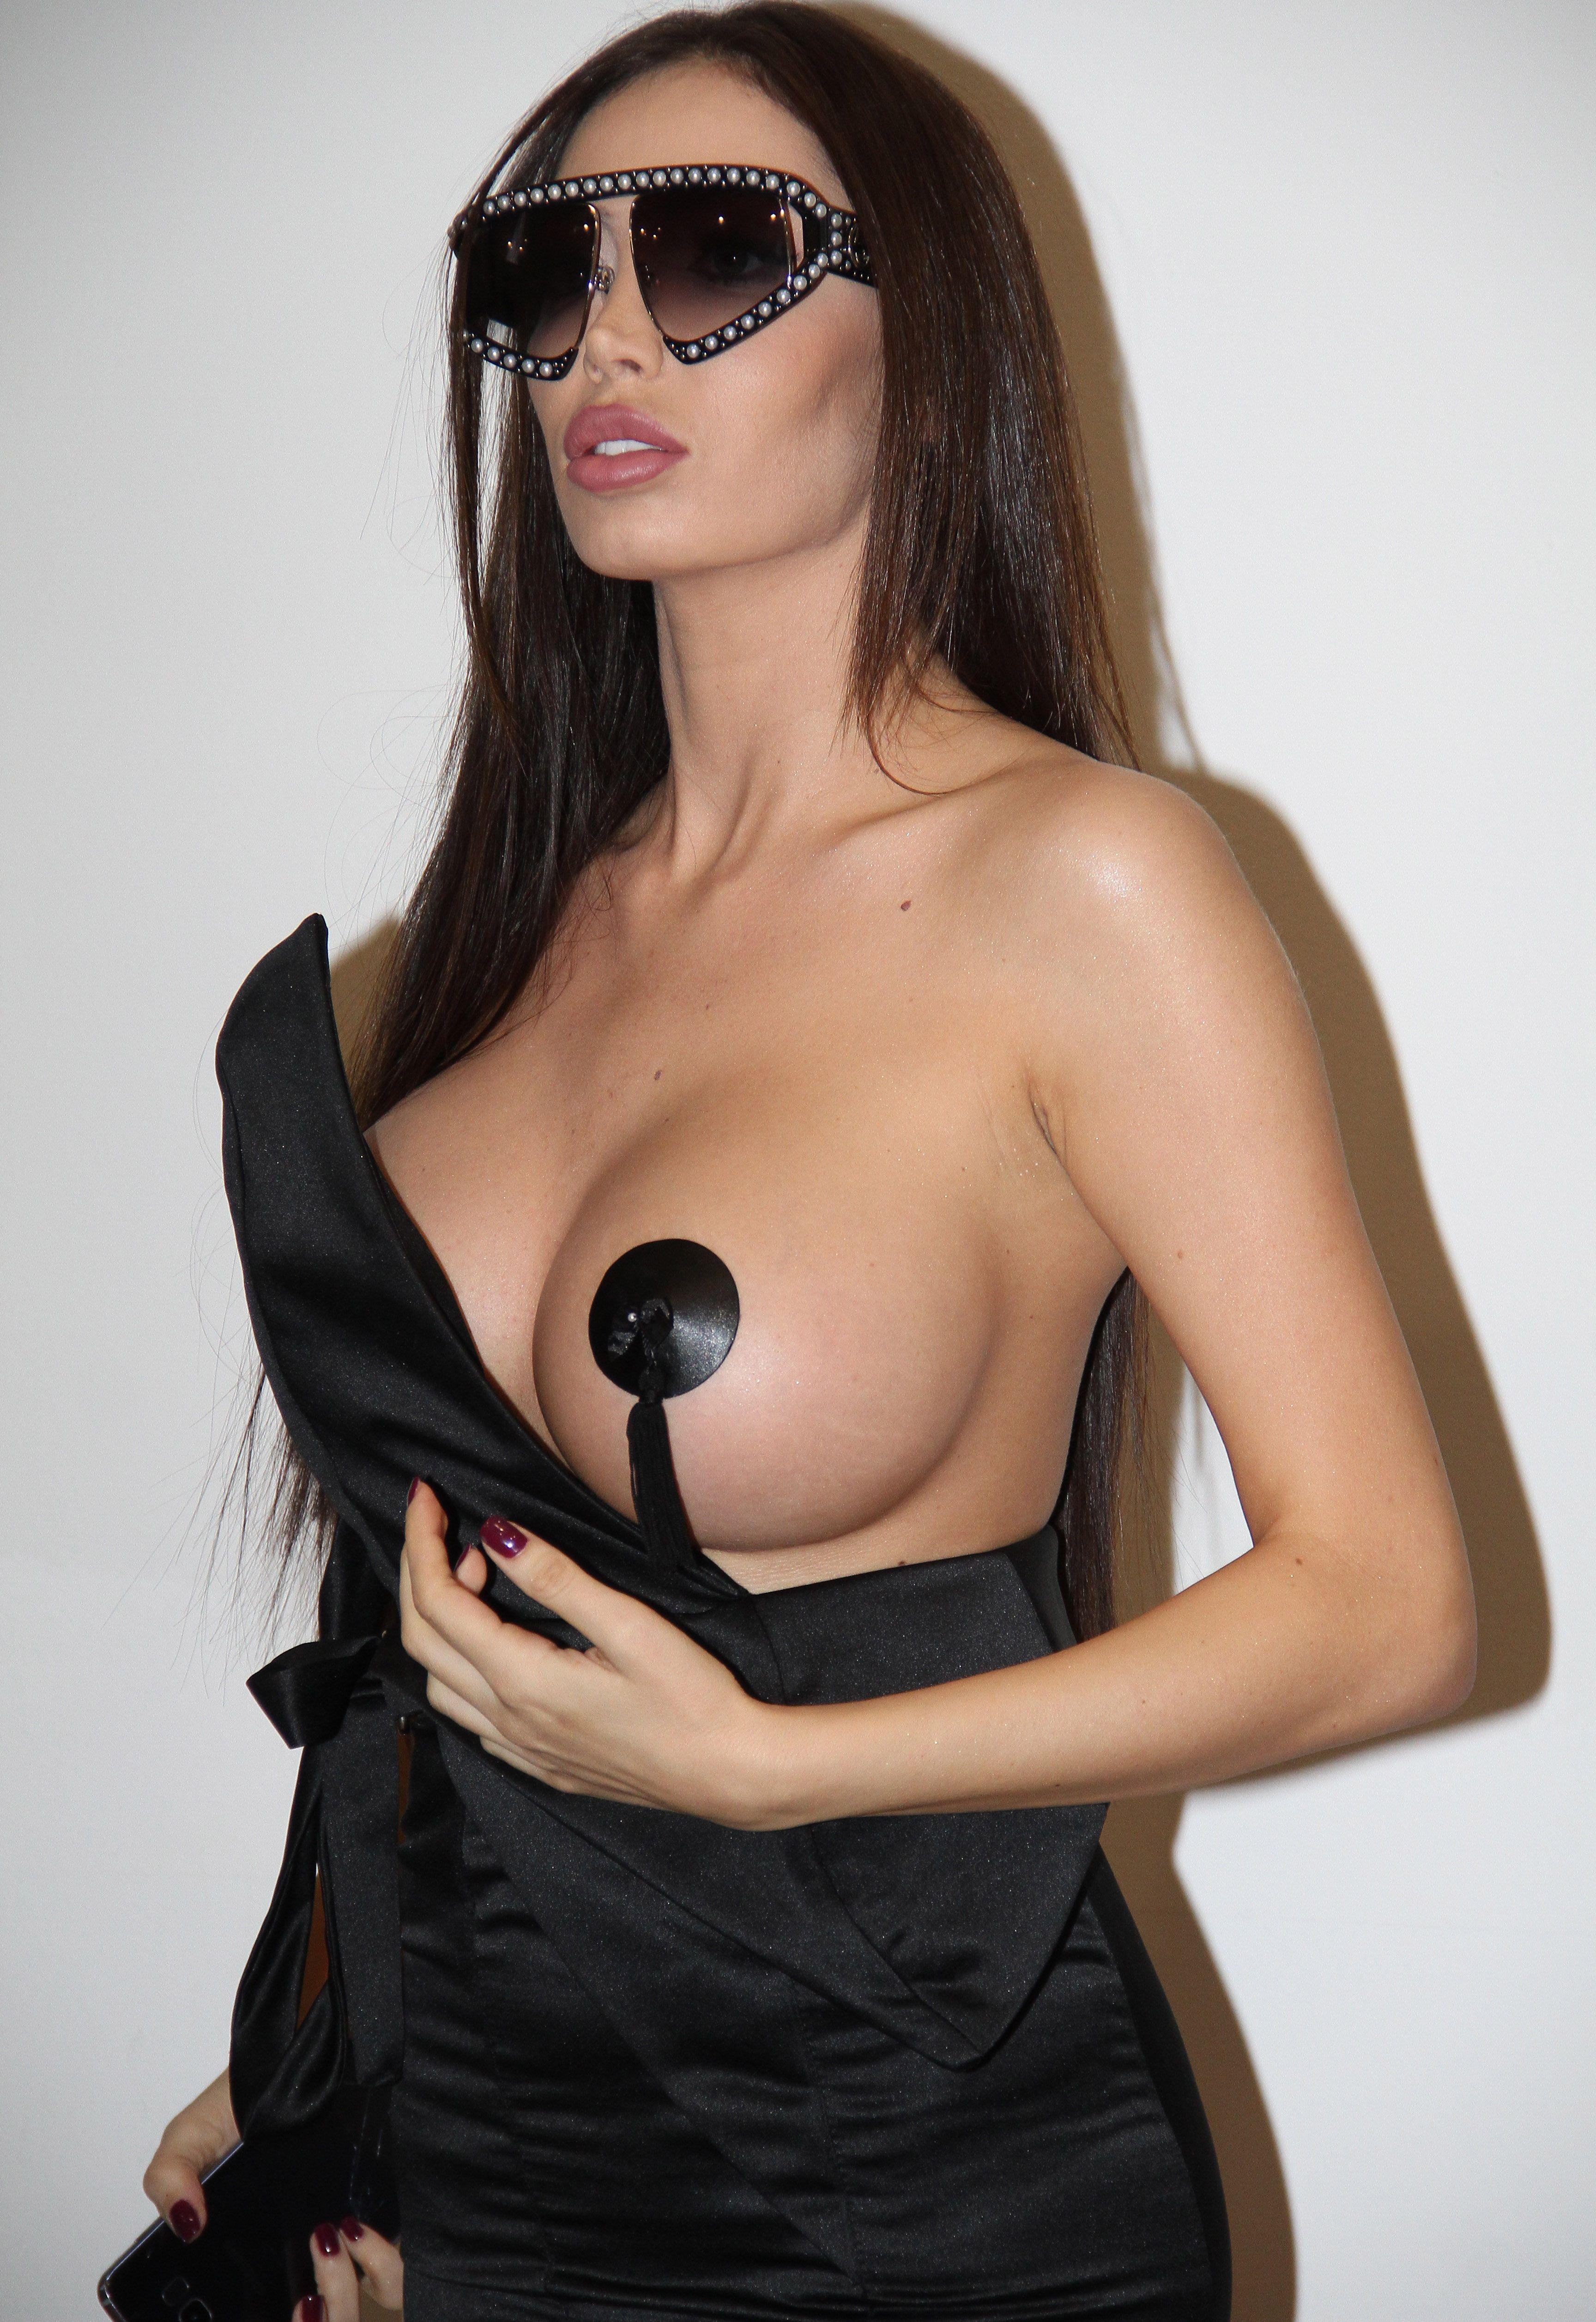 girlfriend sexy naked butt